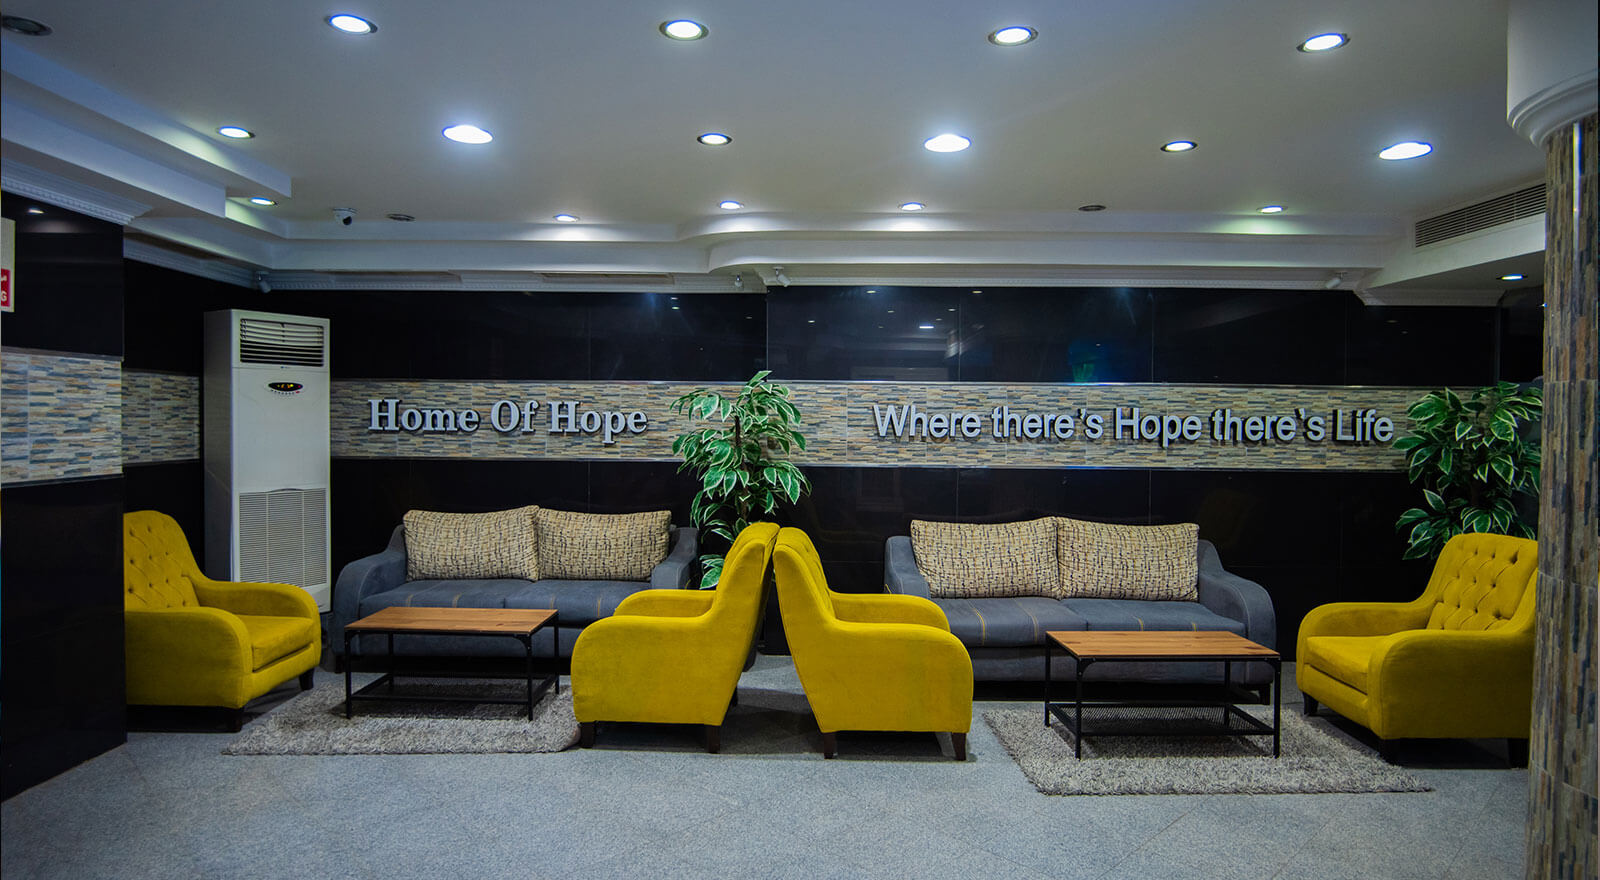 مركز بيت الامل لعلاج الادمان